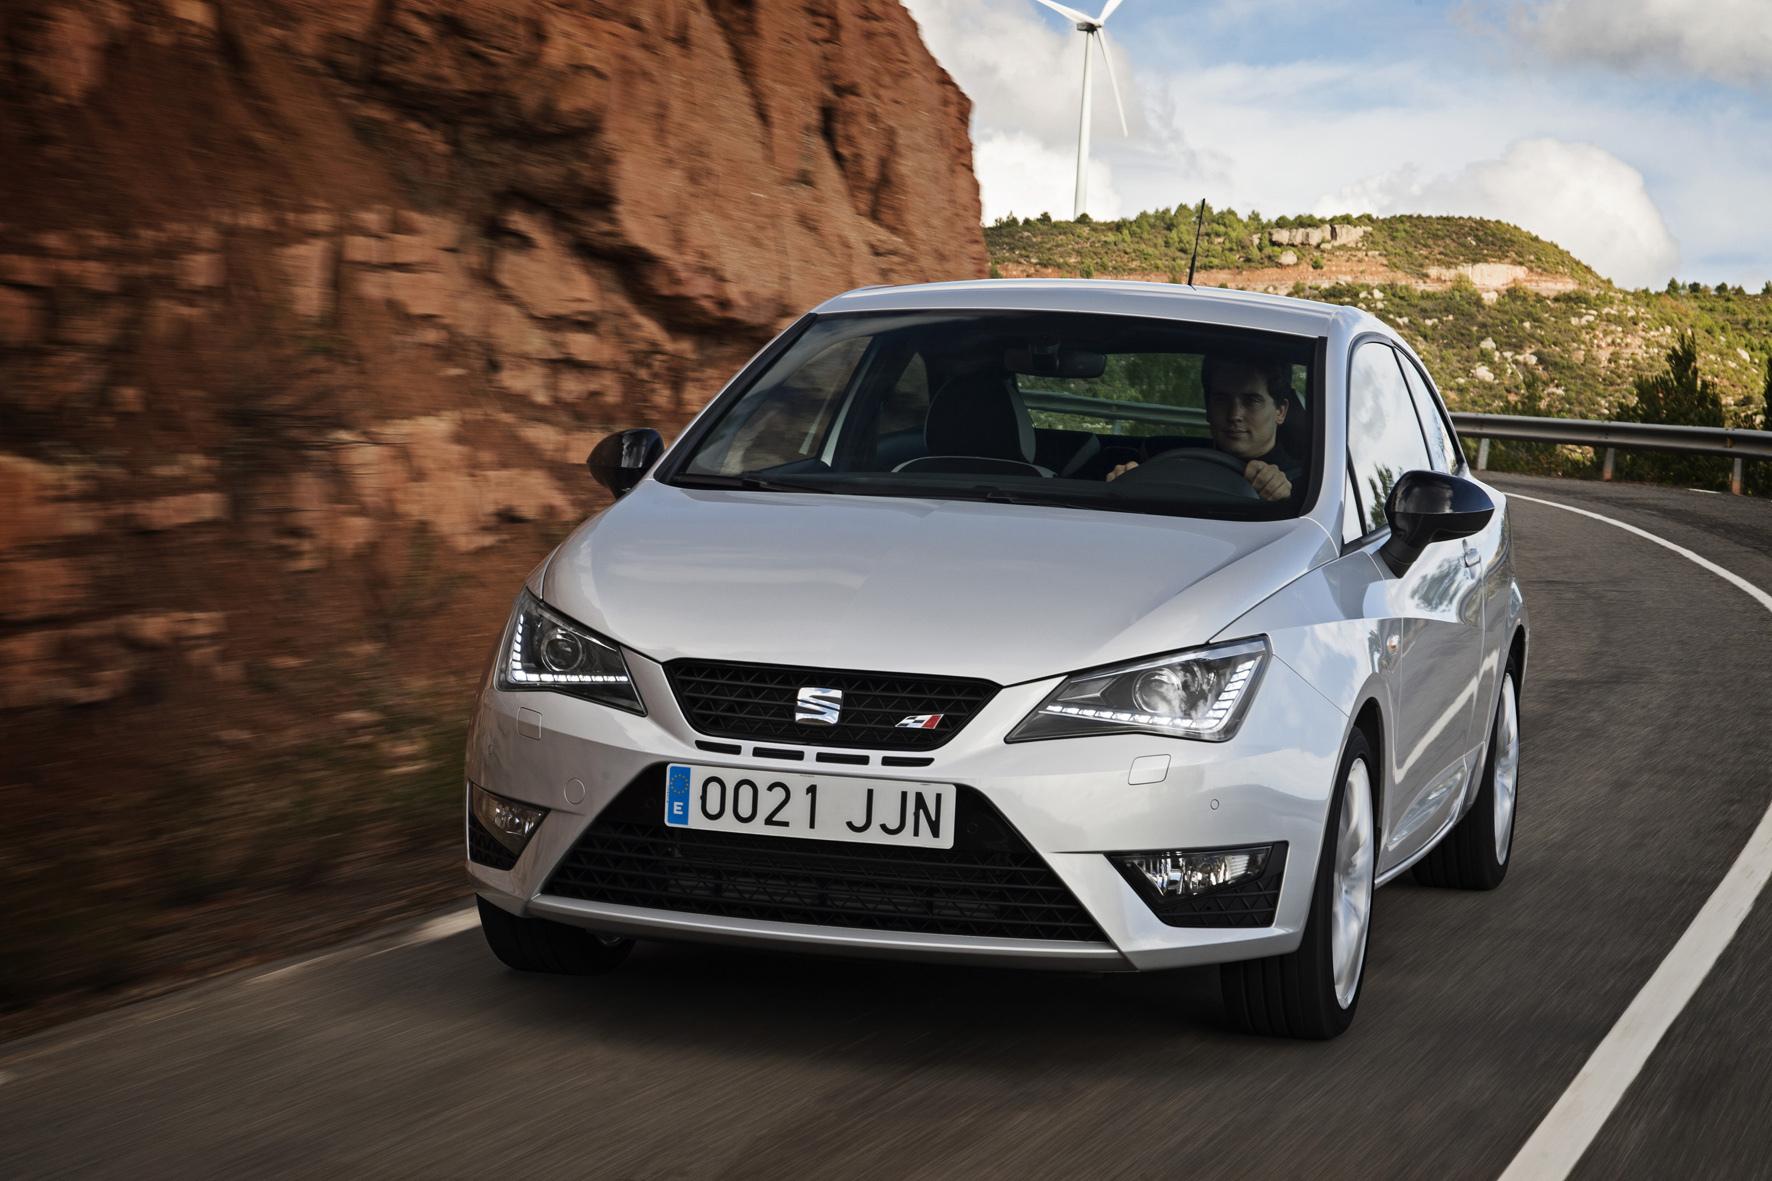 """mid Barcelona - Der kleine Wilde von Seat: Die spanische VW-Tochter präsentiert jetzt die sportliche """"Cupra""""-Version seines Kleinwagens Ibiza."""